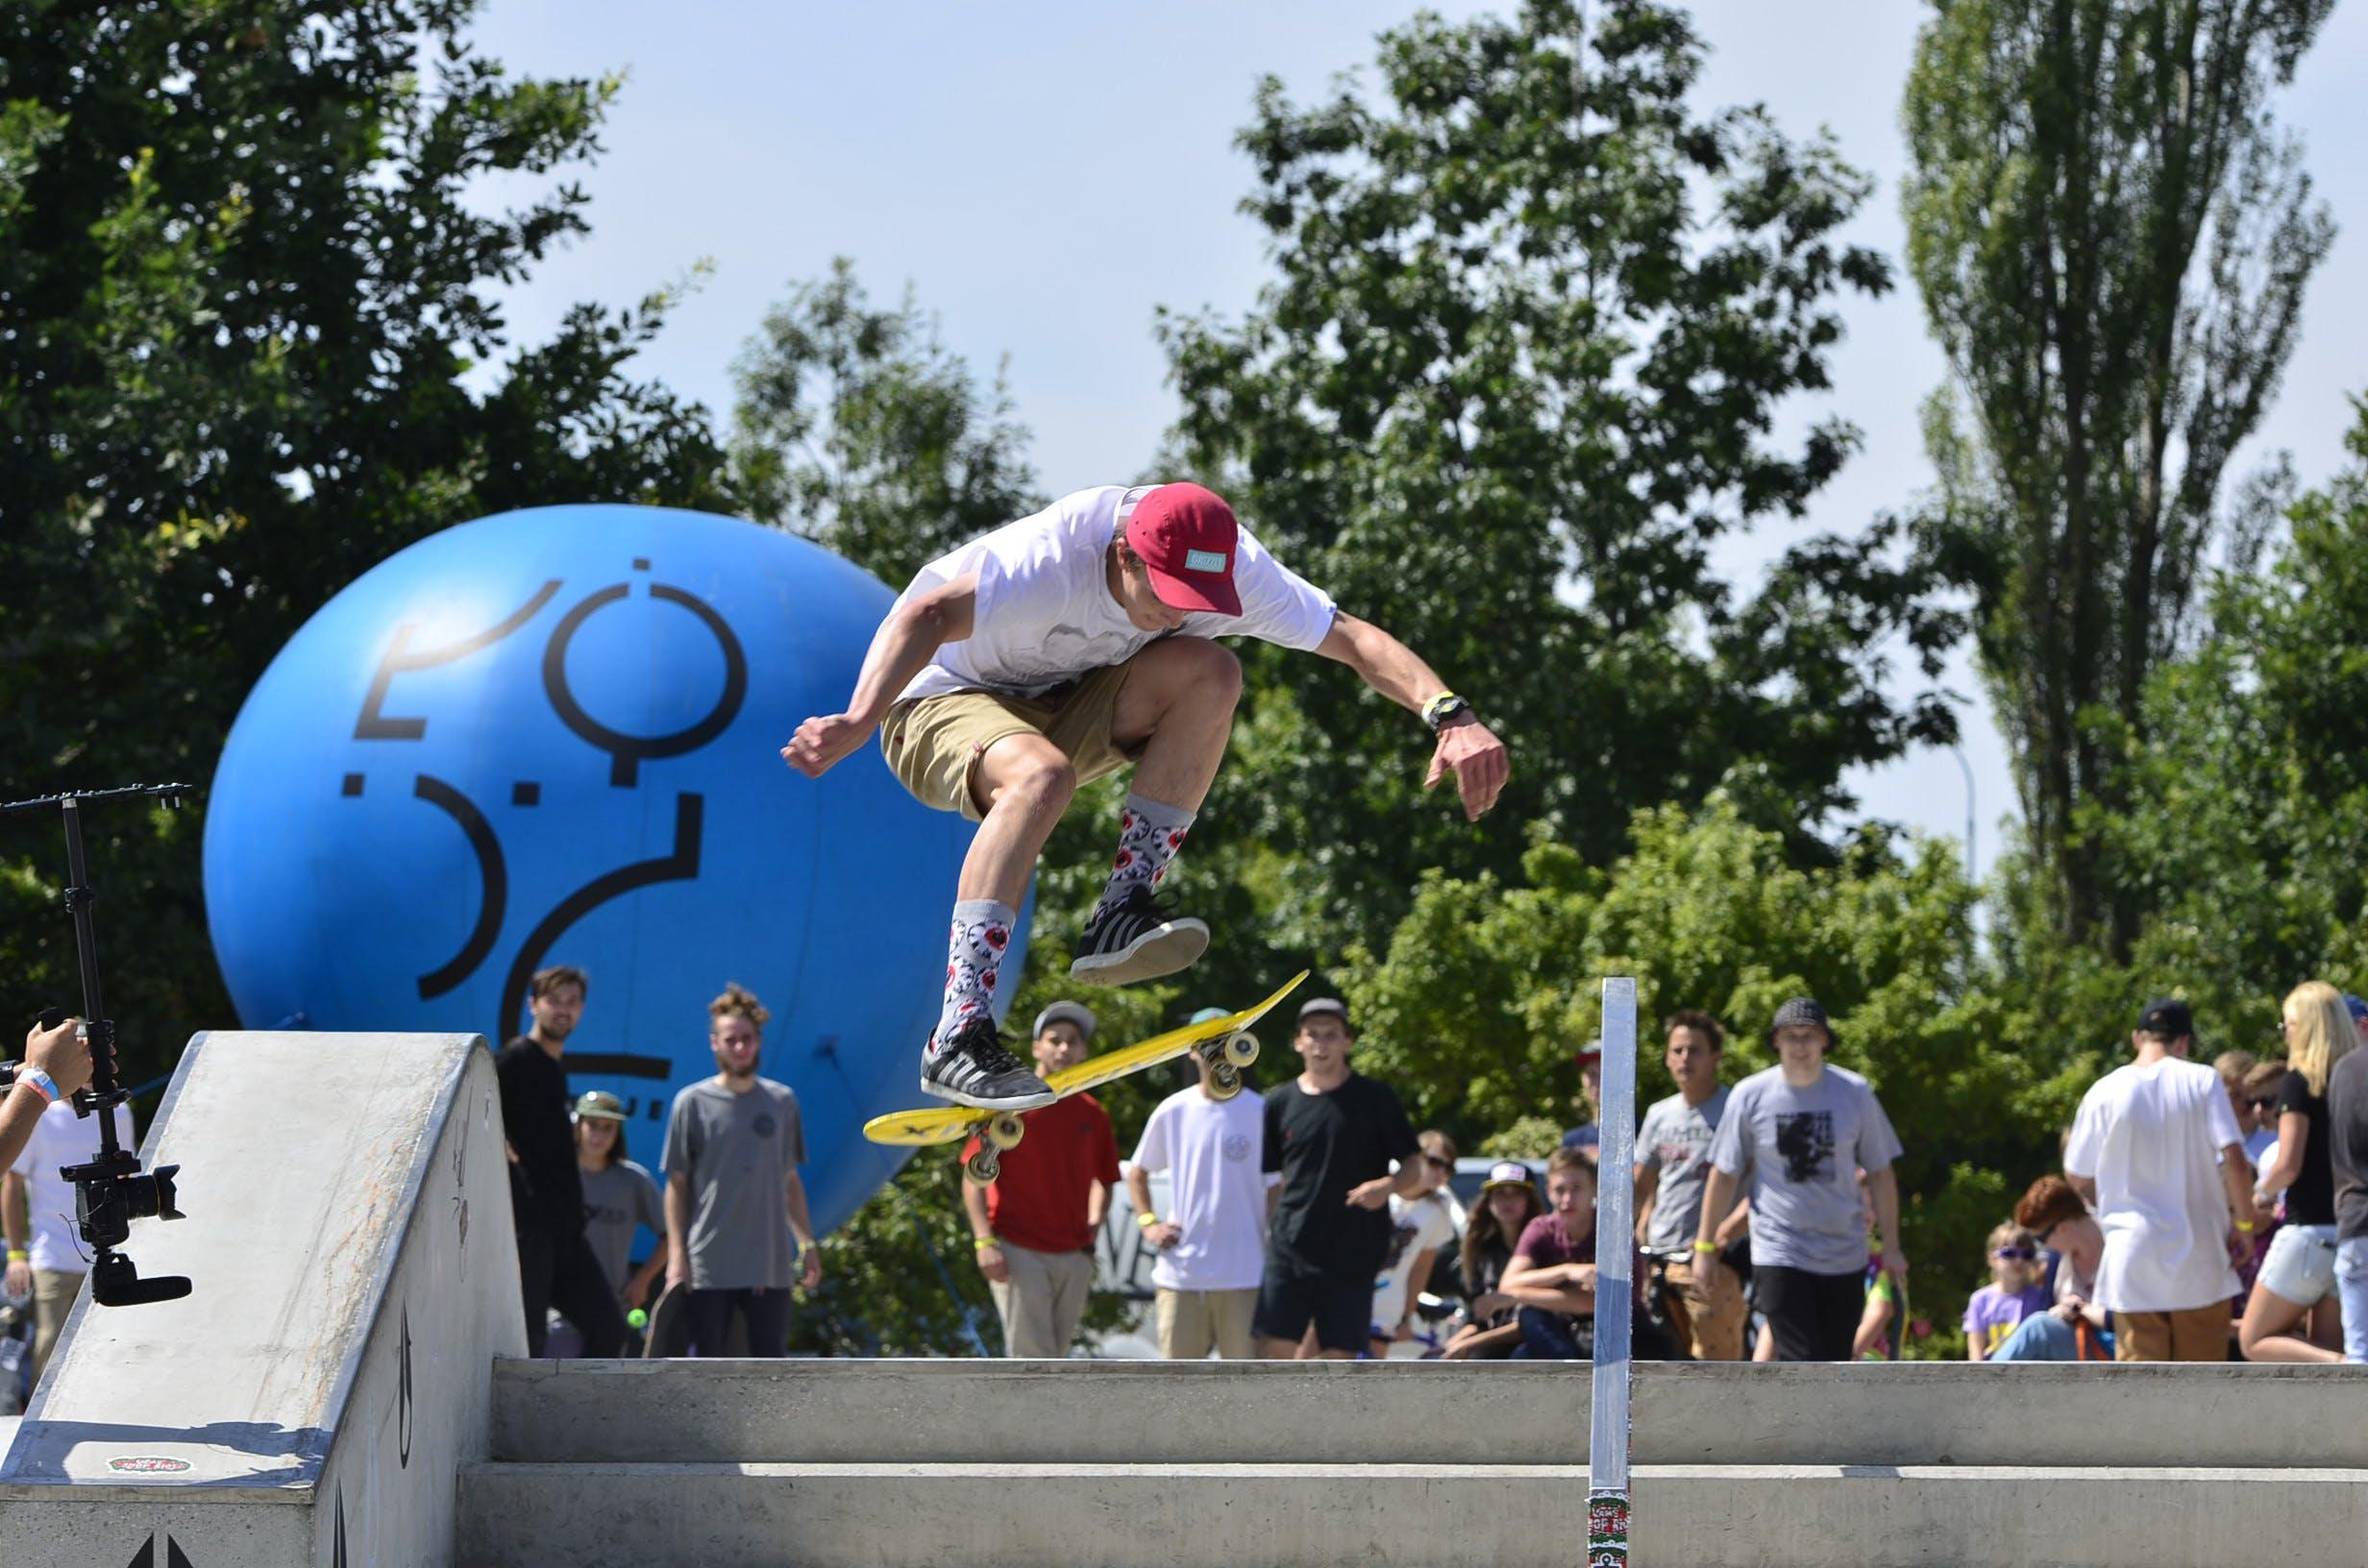 Free stock photo of Konrad Ciężki, skateboard, skateboarder, skateboarding